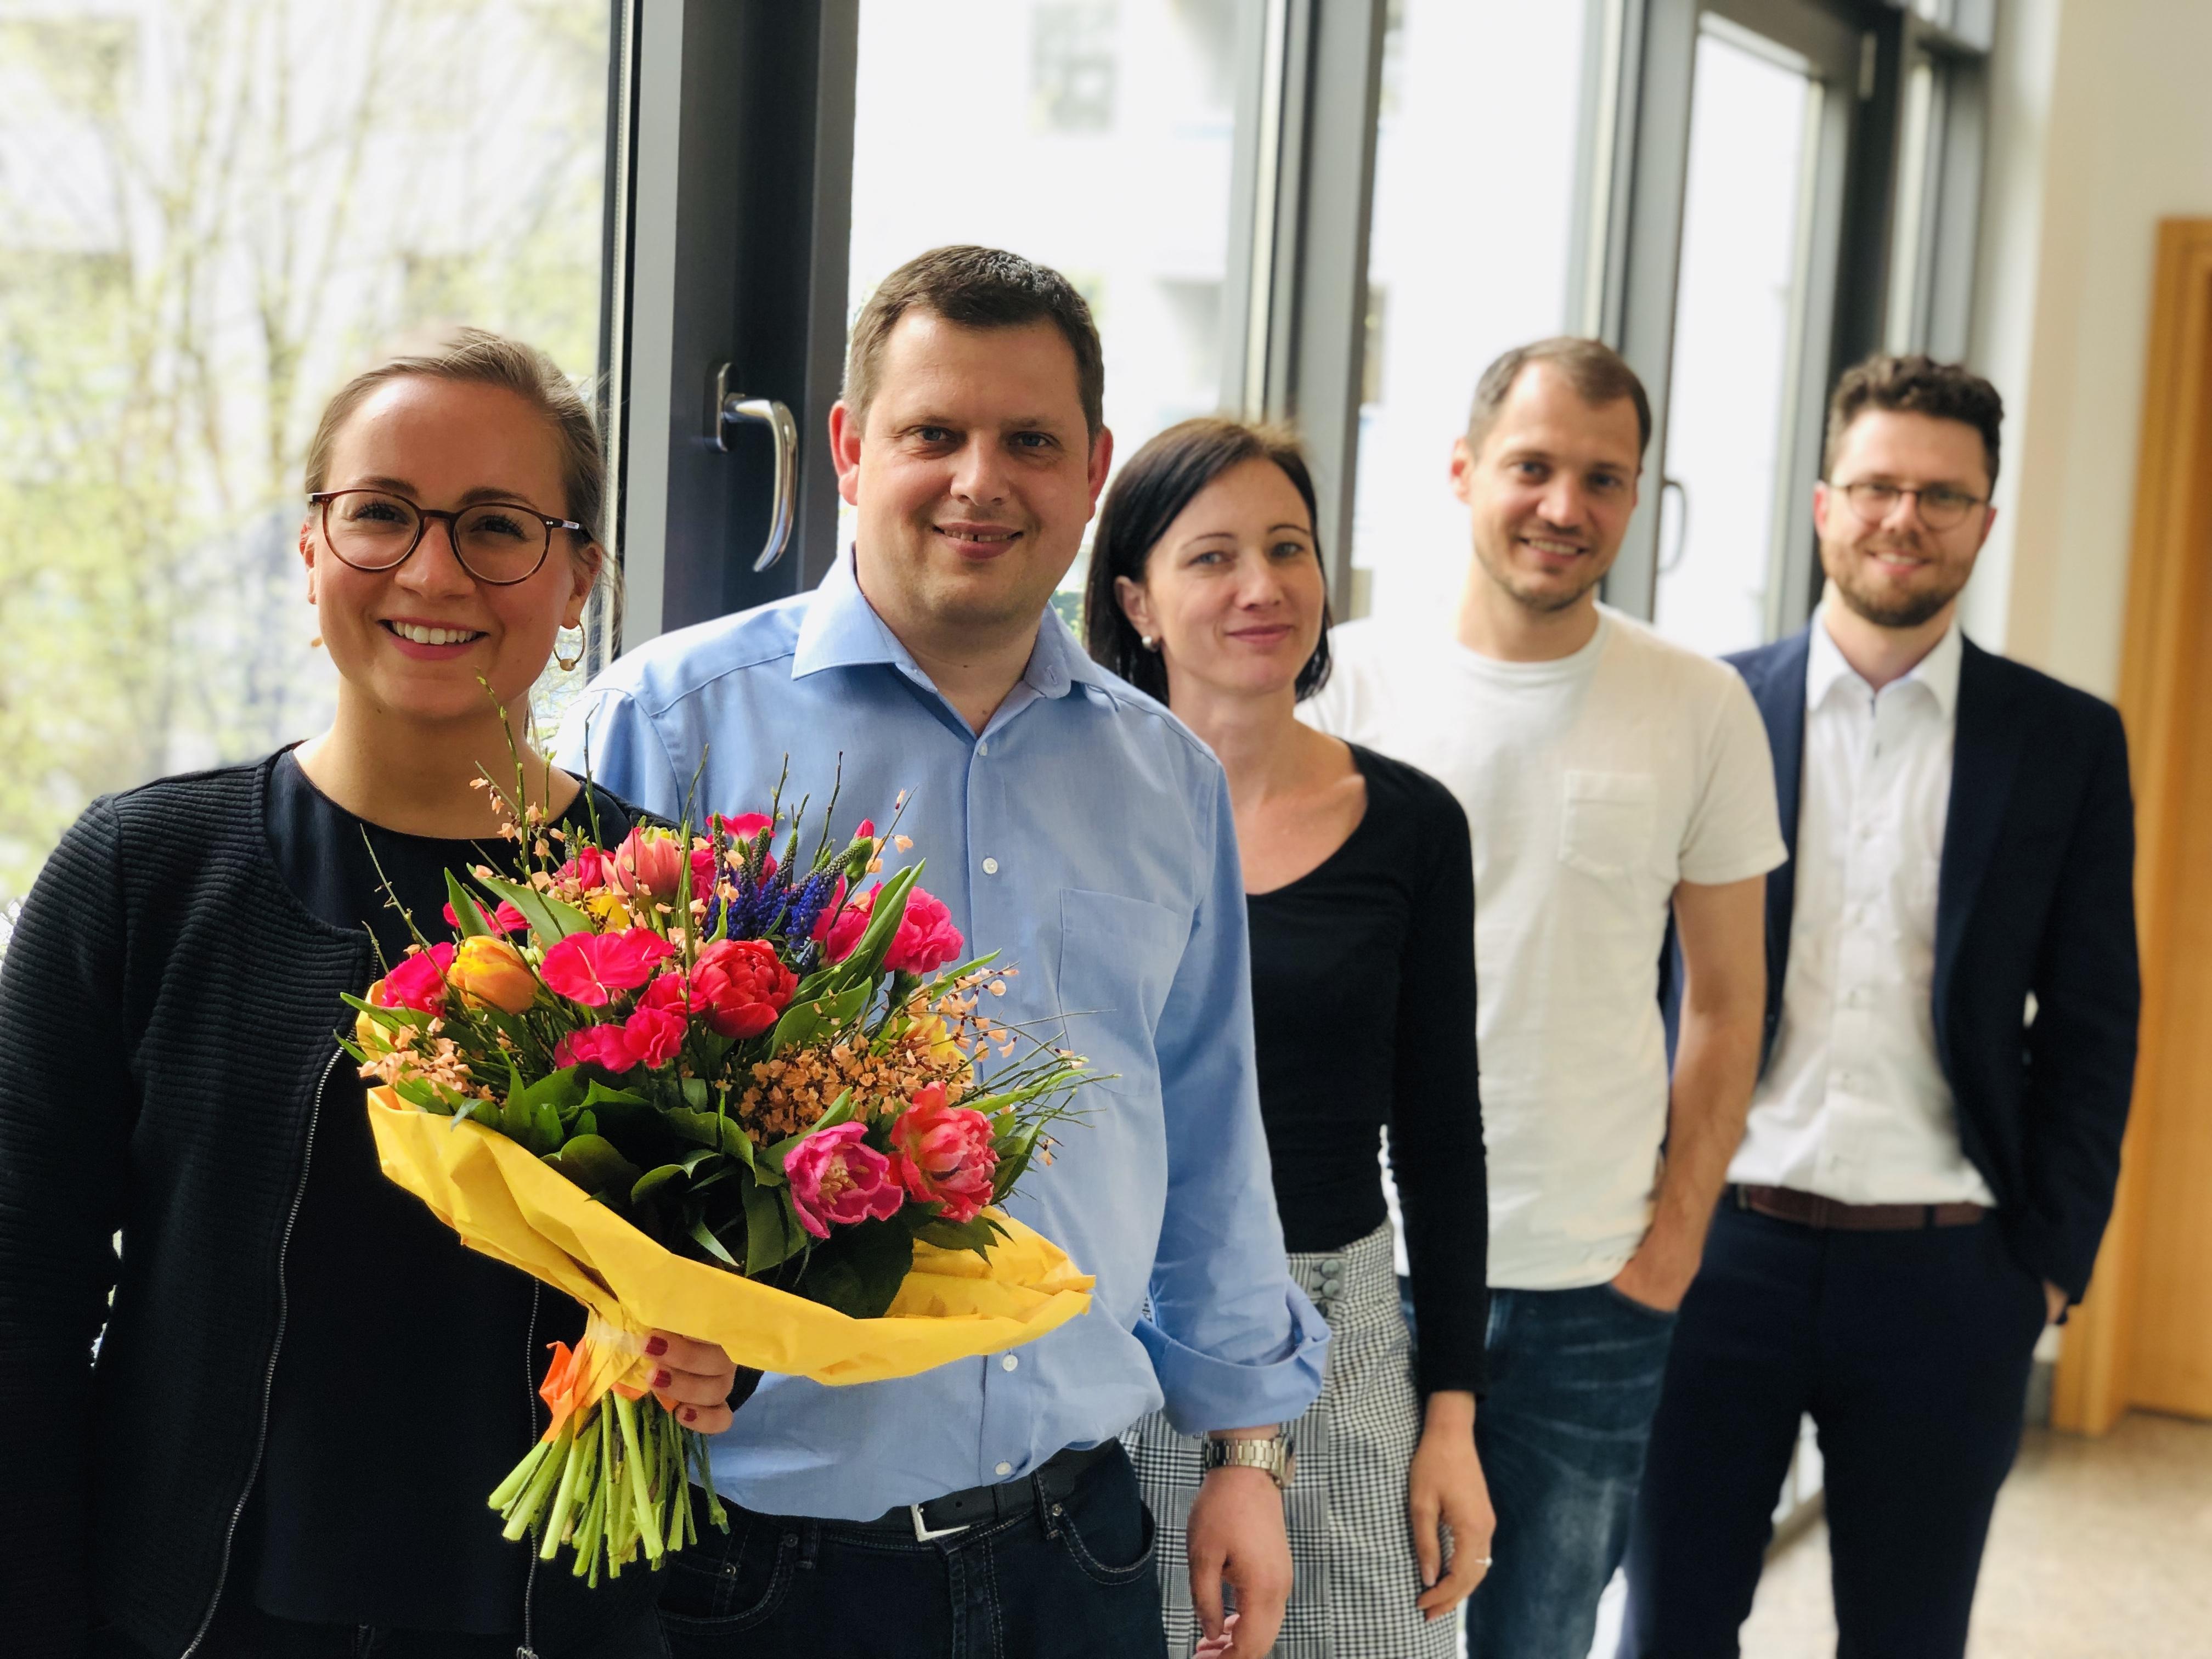 Das Gründungsteam des Deutschen Instituts für Change-Prozesse und digitale Geschäftsmodelle.